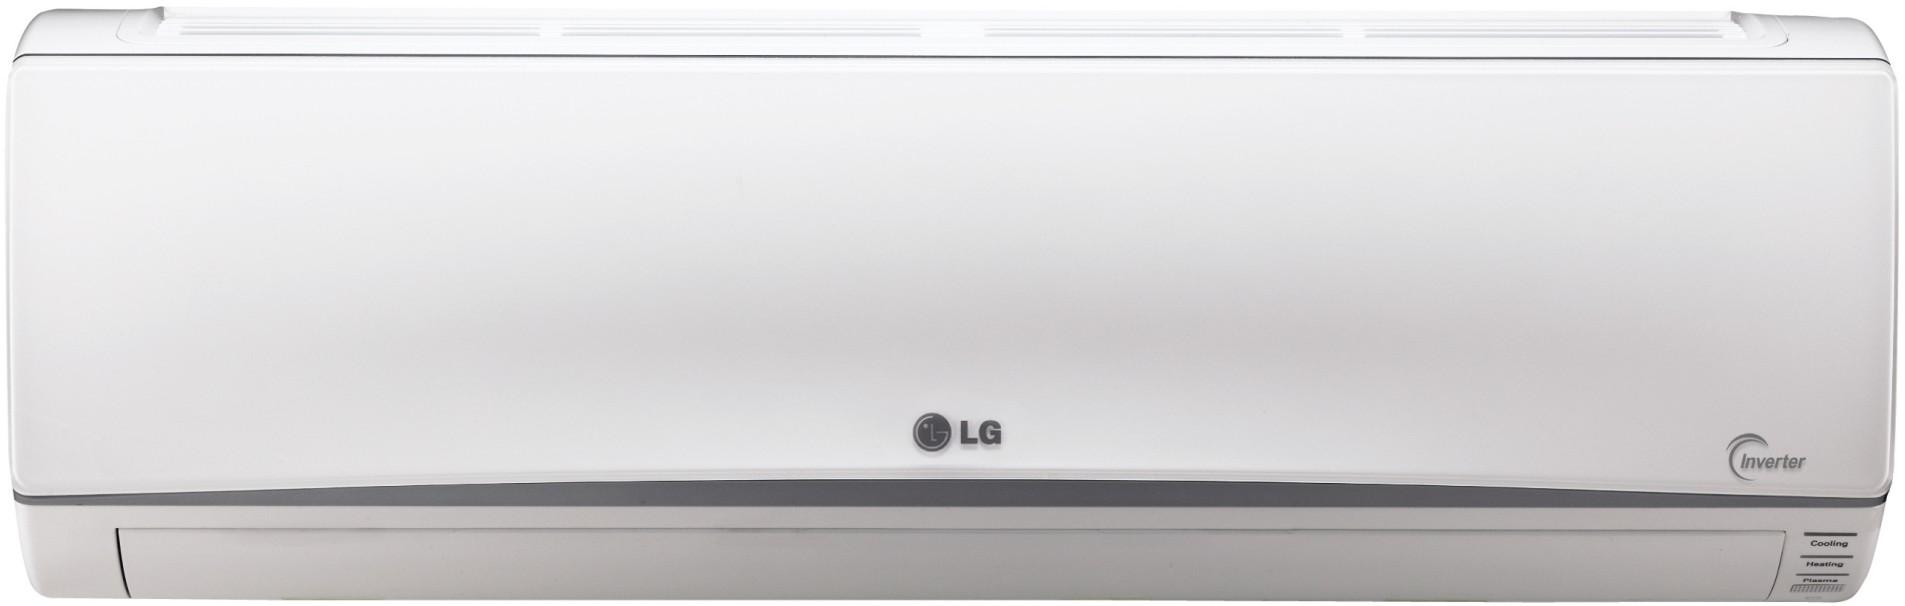 เครื่องปรับอากาศ LG ขนาด 24000 BTU LG [ขายแยกเฉพาะ คอยล์เย็น Indoor]